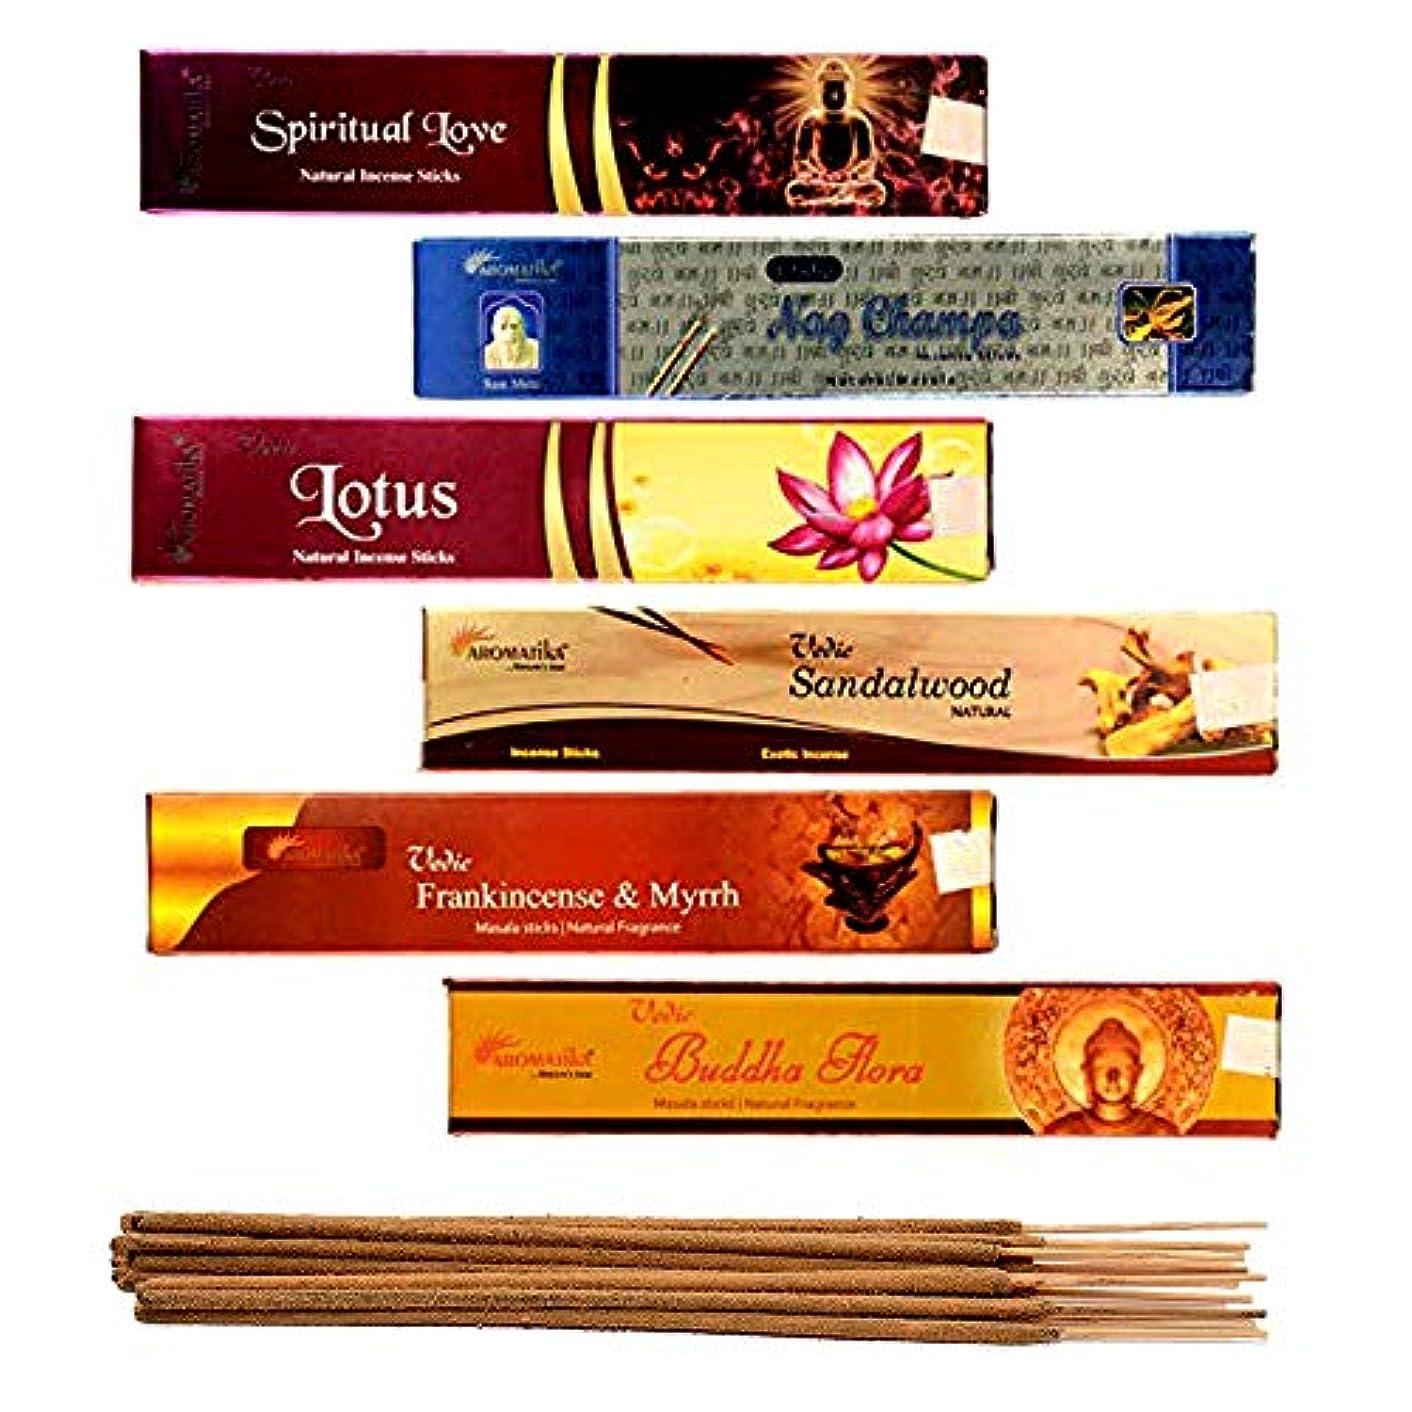 口述推定音声学aromatika 6 Assorted Masala Incense Sticks Vedic Nag Champa、サンダルウッド、ブッダFlora、ロータス、Frankincense & Myrrh、Spiritual...